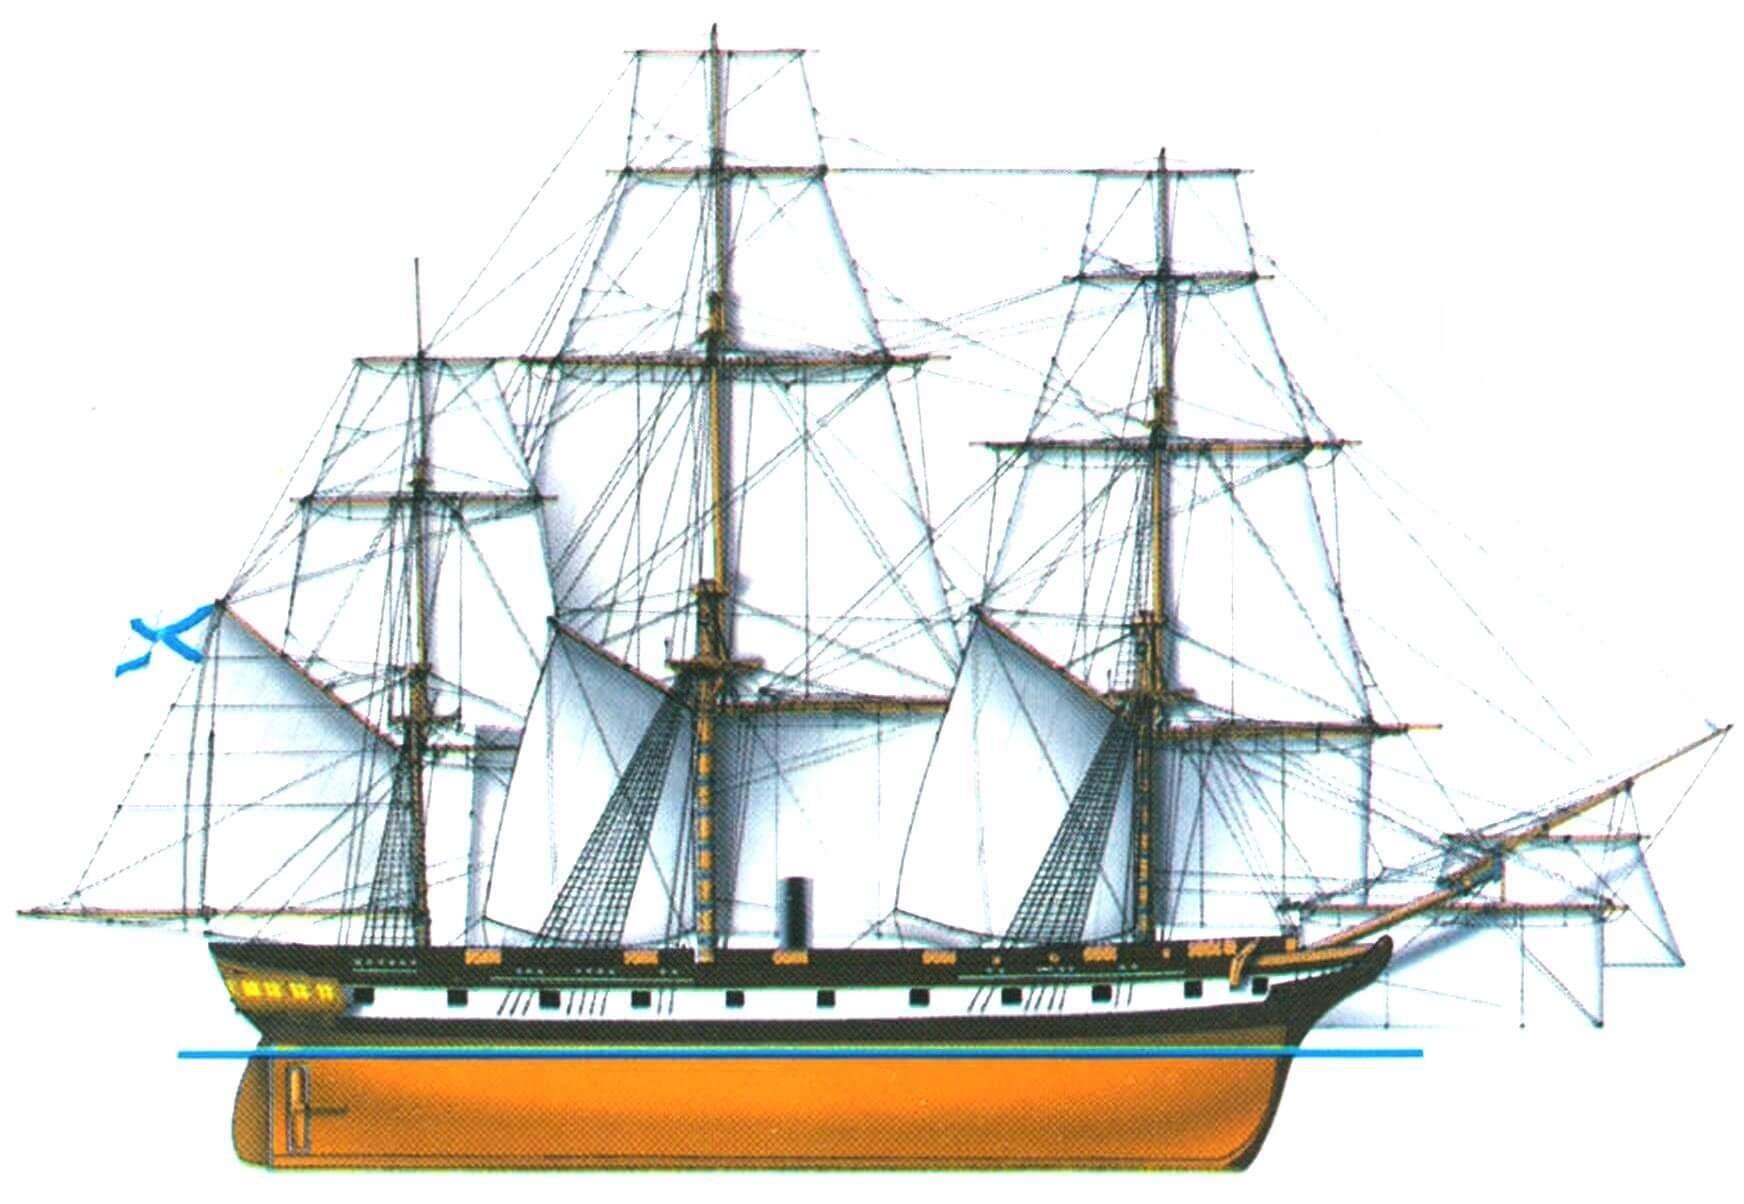 Винтовой фрегат «Архимед», Россия, 1848 г.